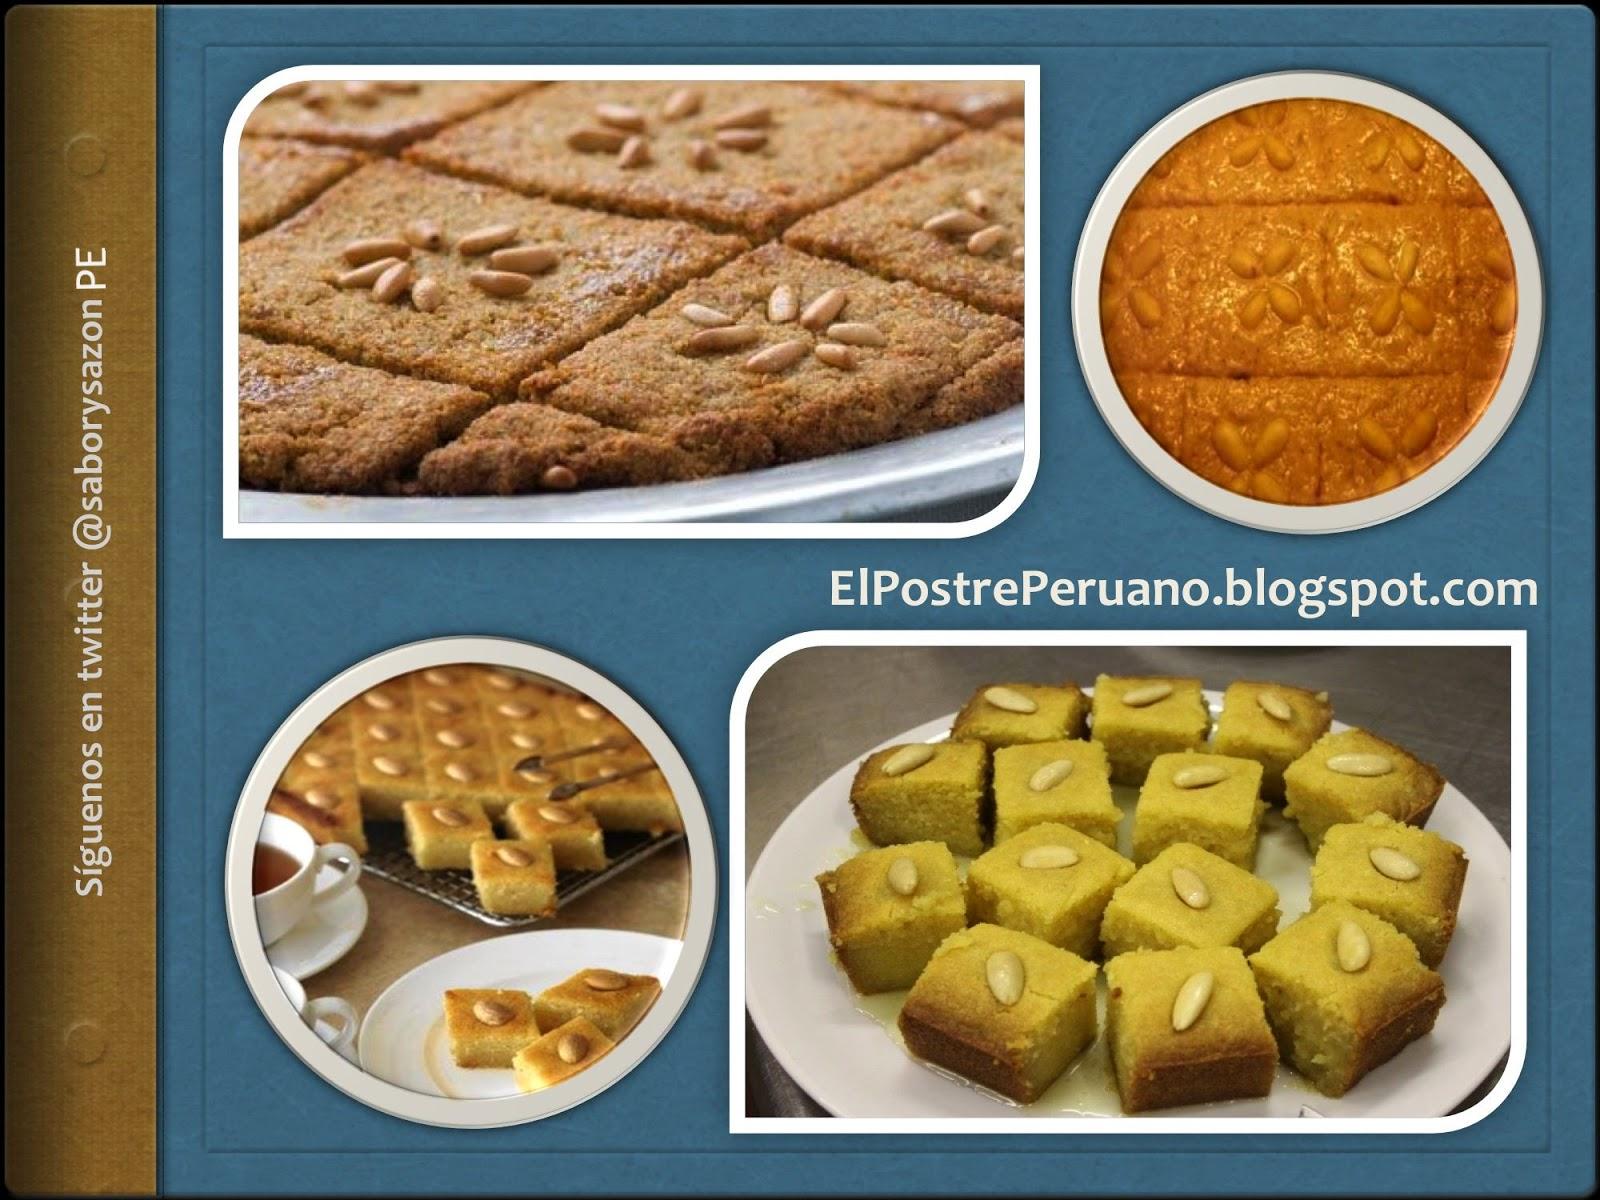 RECETAS DE POSTRES DE EGIPTO - Basbousa - REPOSTERIA - RECETAS SENCILLAS DE PREPARAR (Receta para 4 porciones)